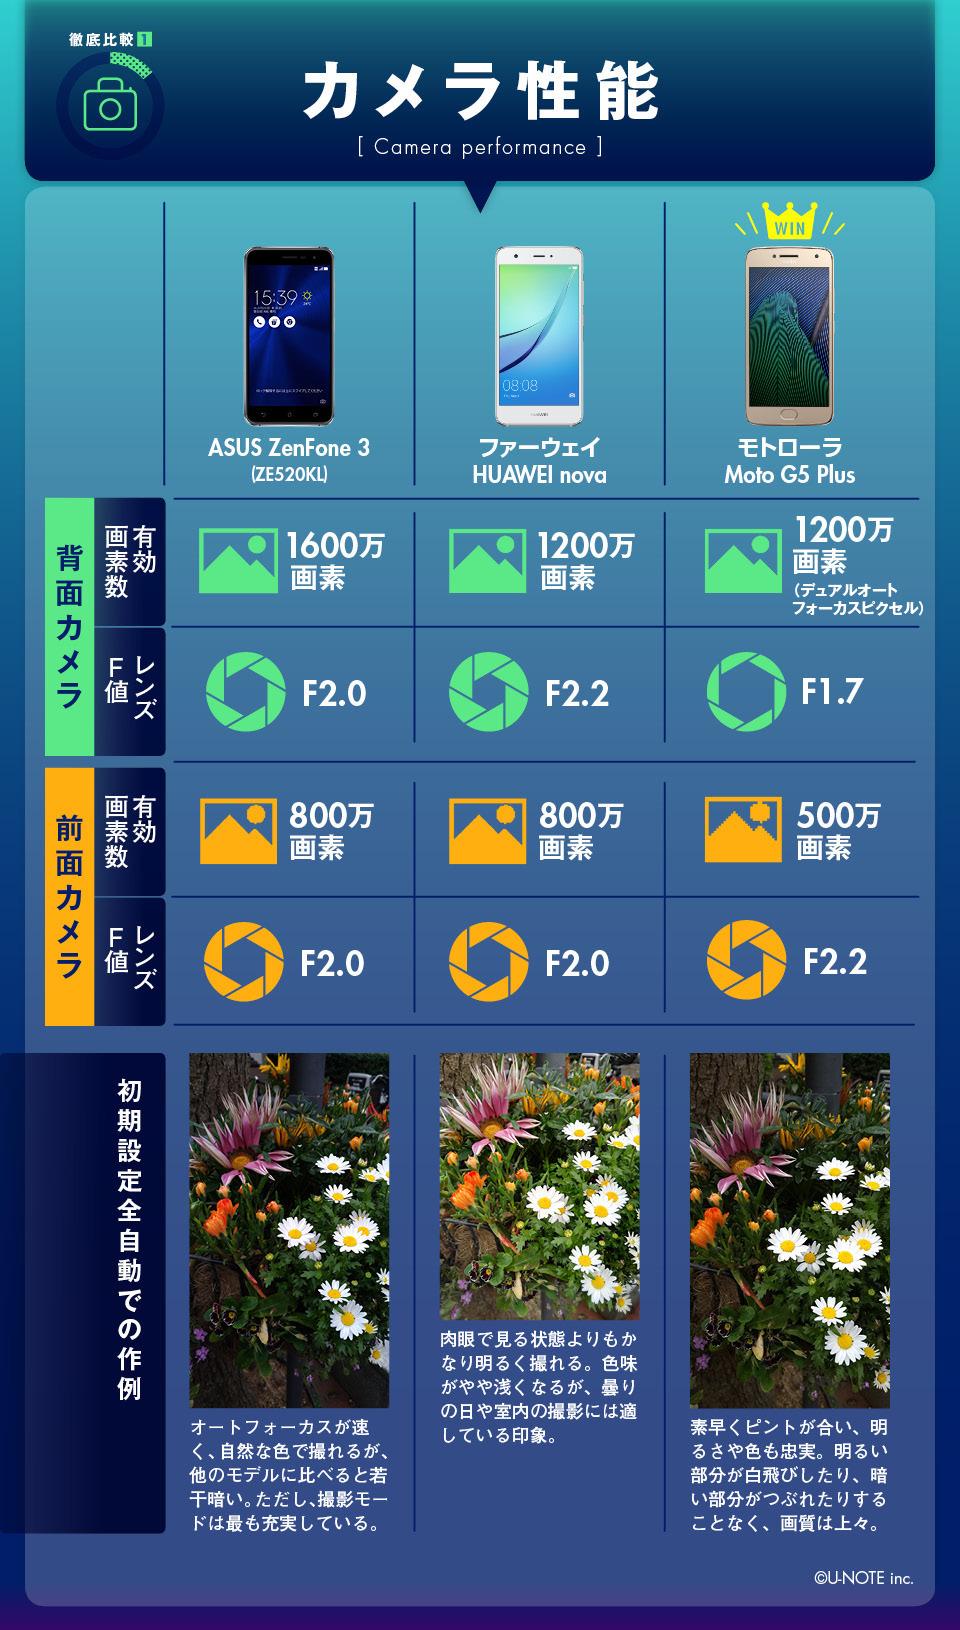 インフォグラフィックで丸わかり! SIMフリー御三家の売れ筋モデルガチンコ比較!! 5番目の画像